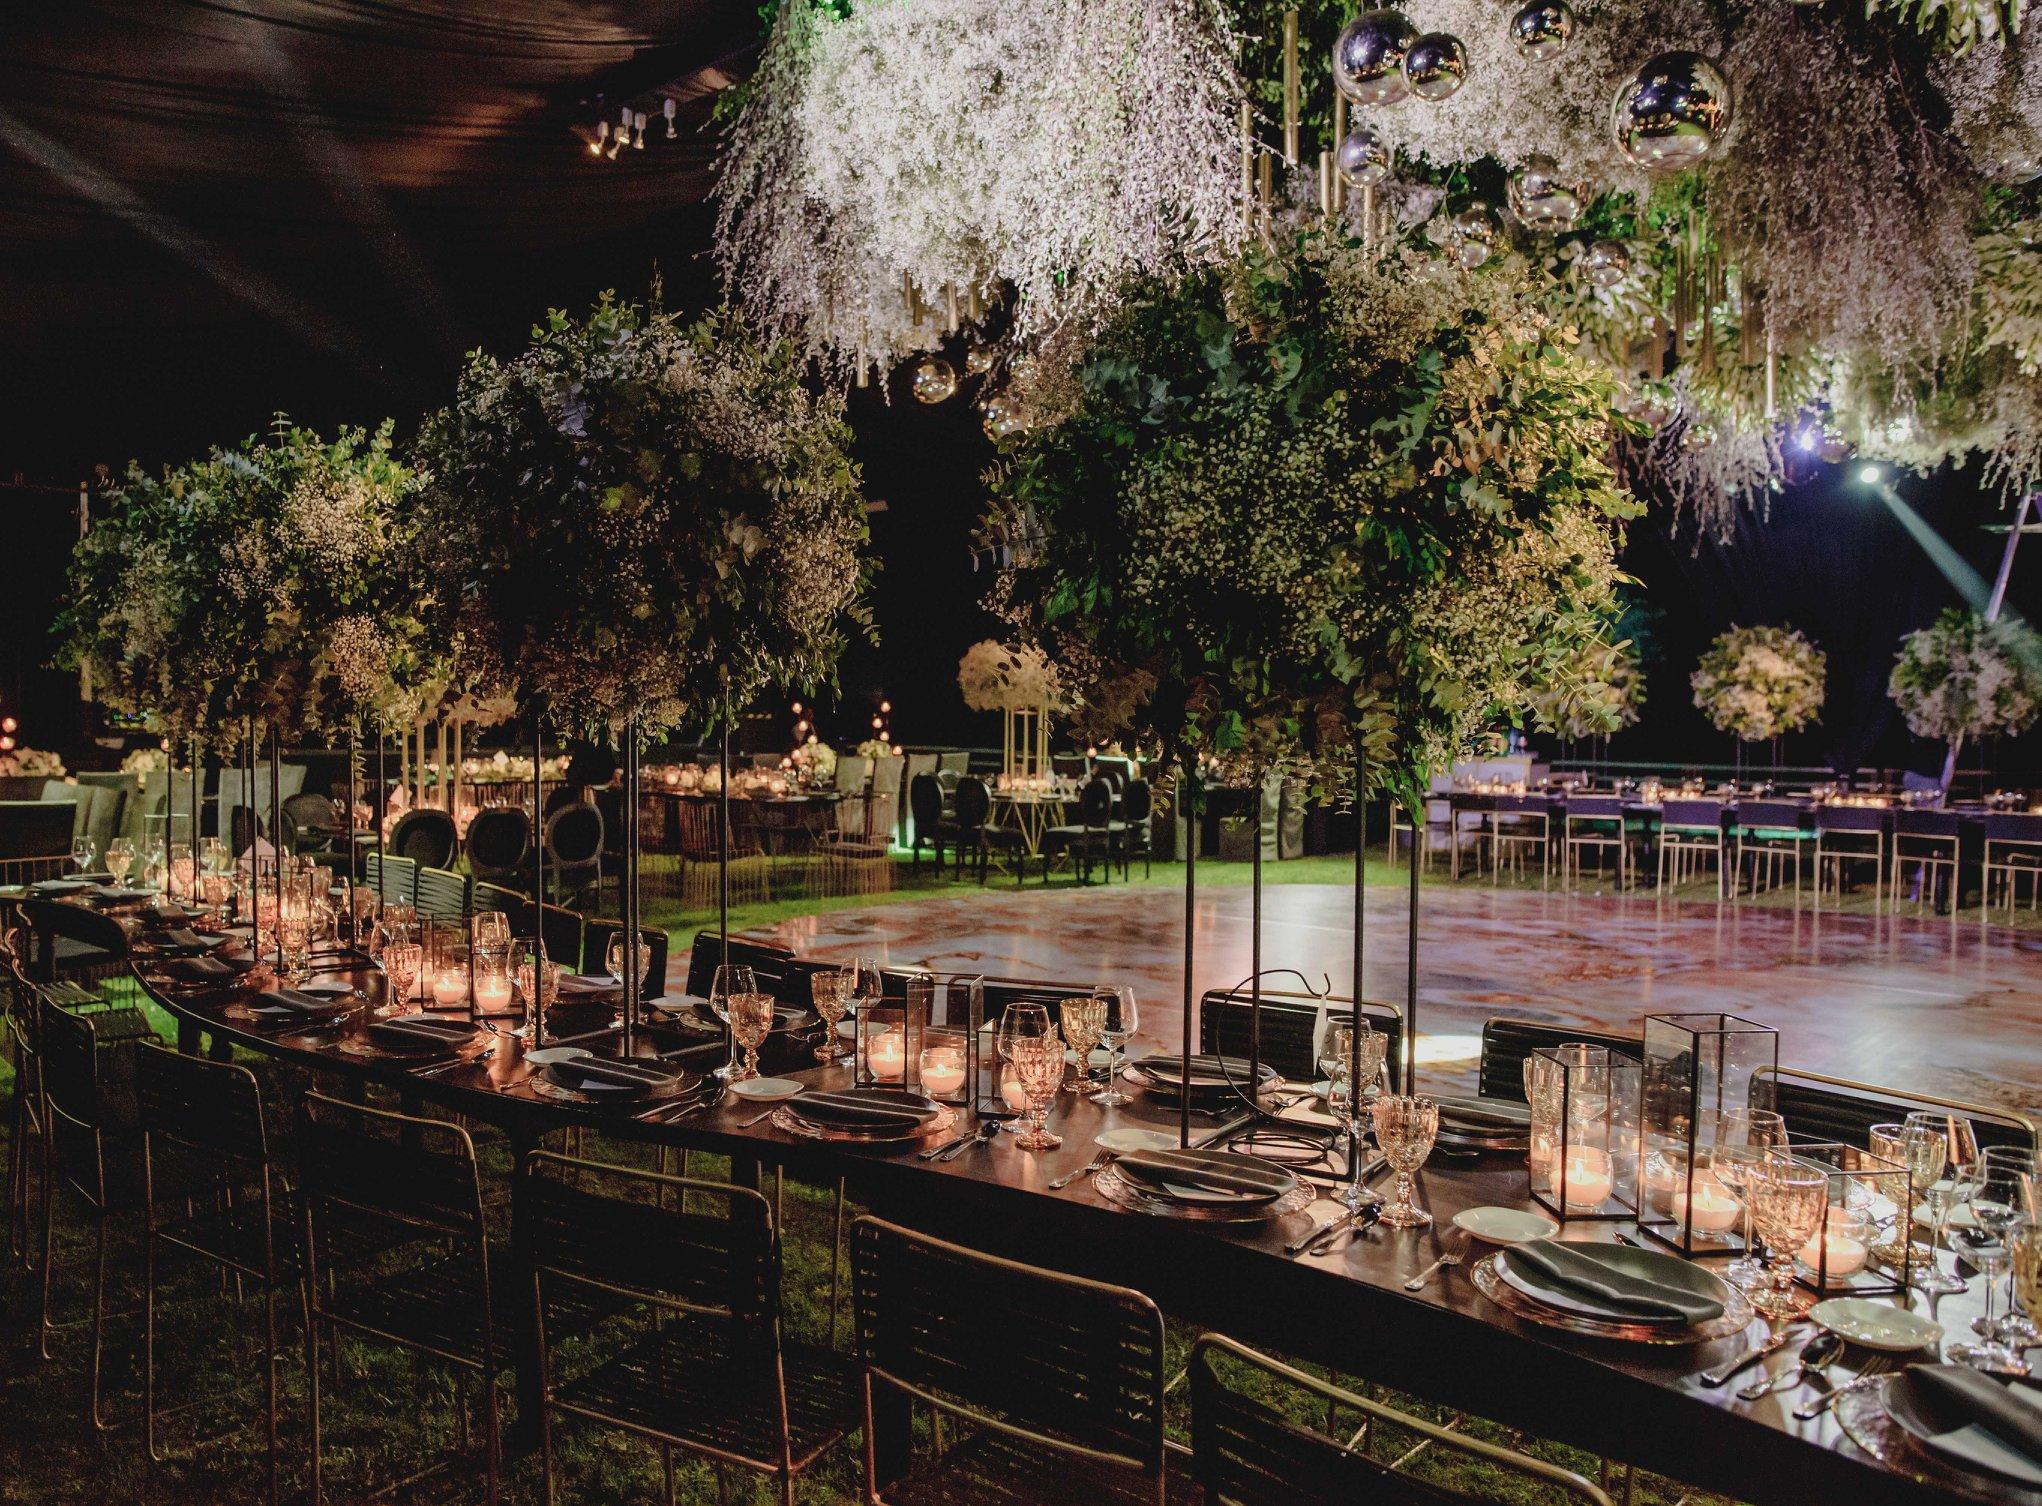 Joshua Vital Wedding Planner, Wedding Planner en Guanajuato, Wedding Planner en San Miguel de Allende - Wedding Hub - 02